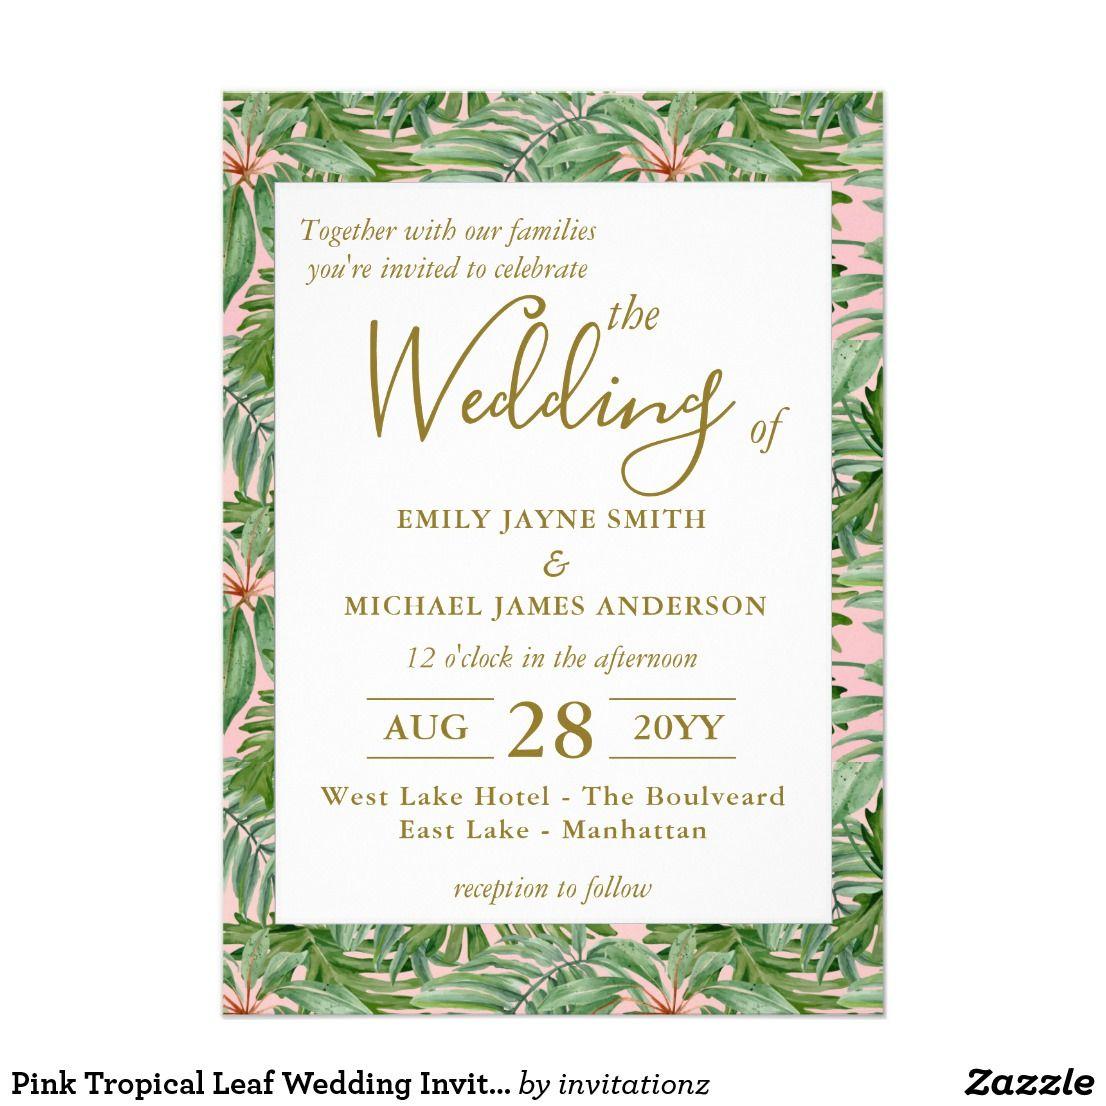 Pink Tropical Leaf Wedding Invitation Hawaiian | Trending Wedding ...